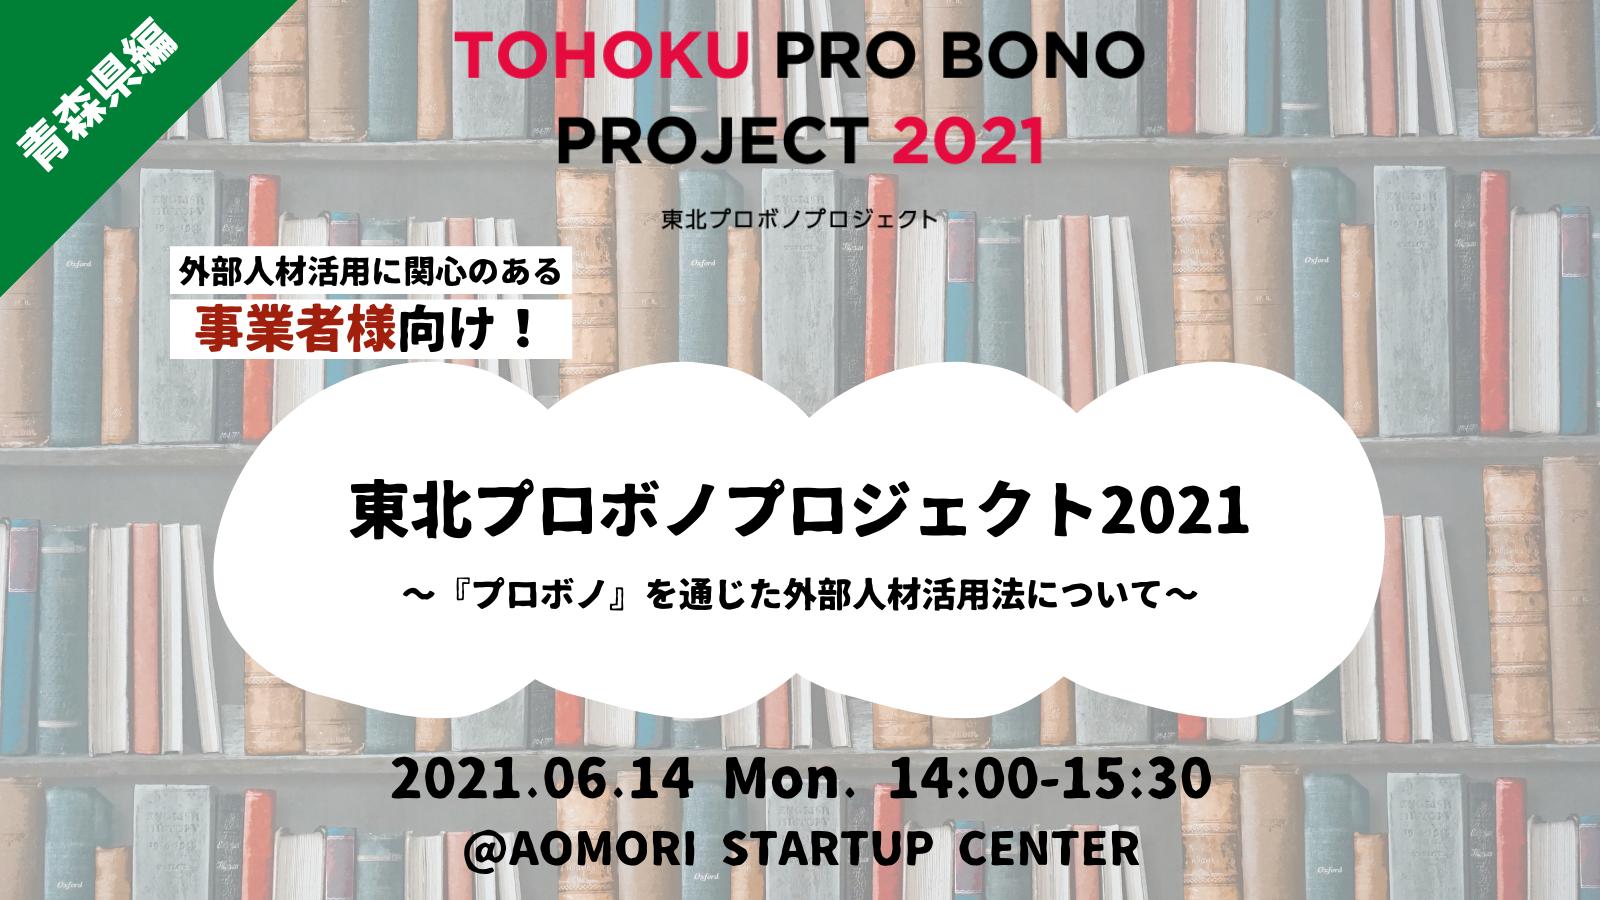 東北プロボノプロジェクト2021 〜『プロボノ』を通じた外部人材活用法について〜